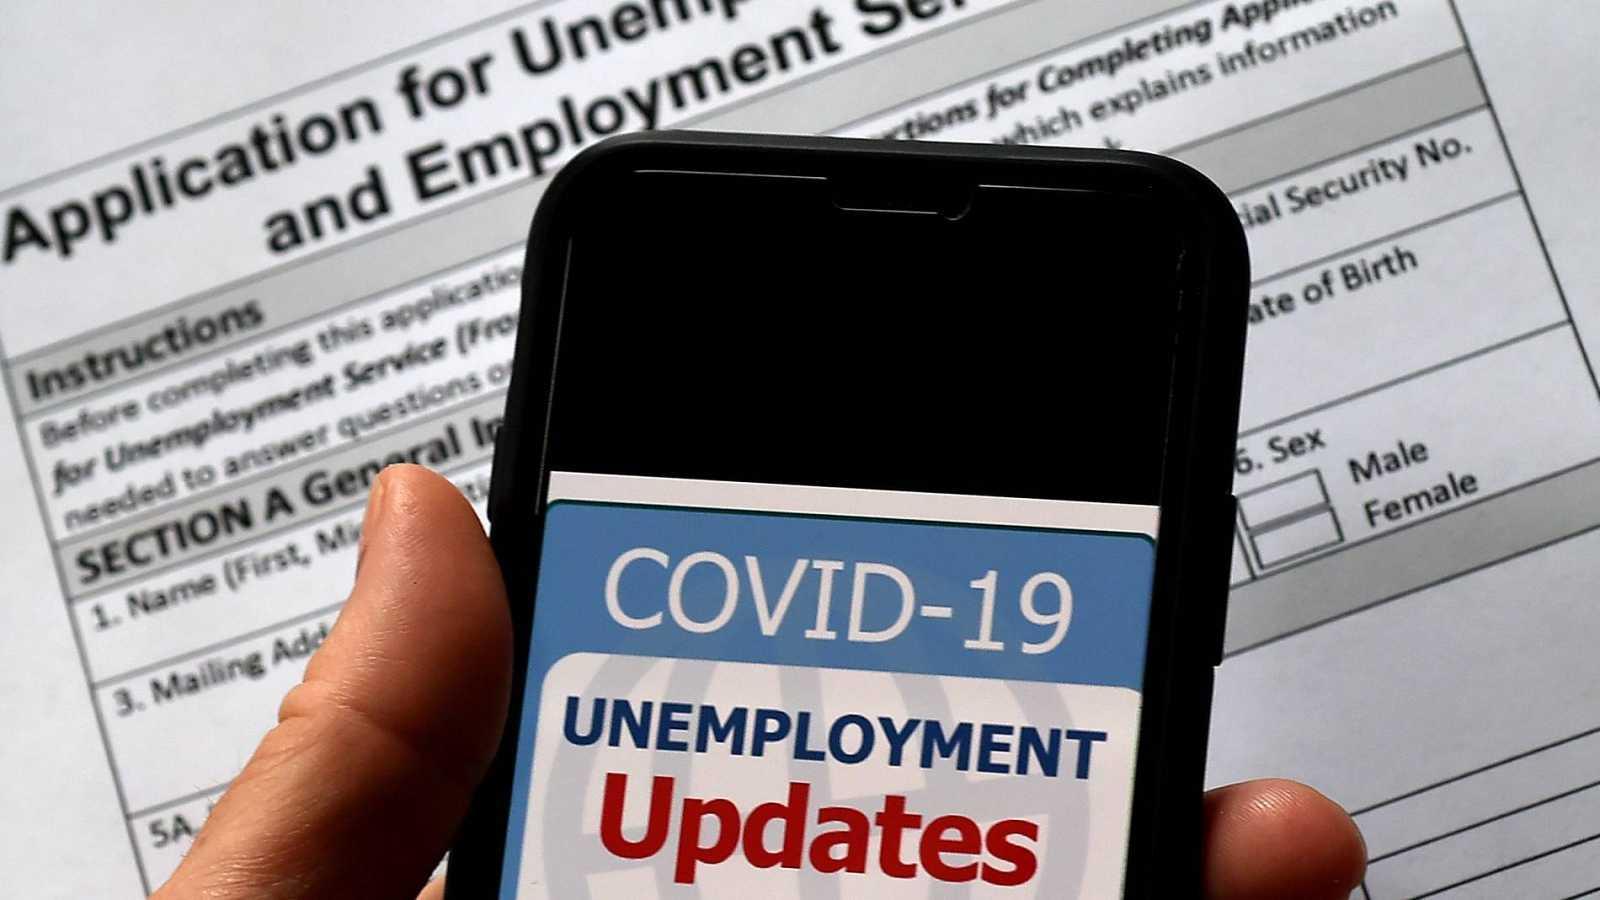 La tasa de desempleo continúa creciendo en Estados Unidos a causa del coronavirus